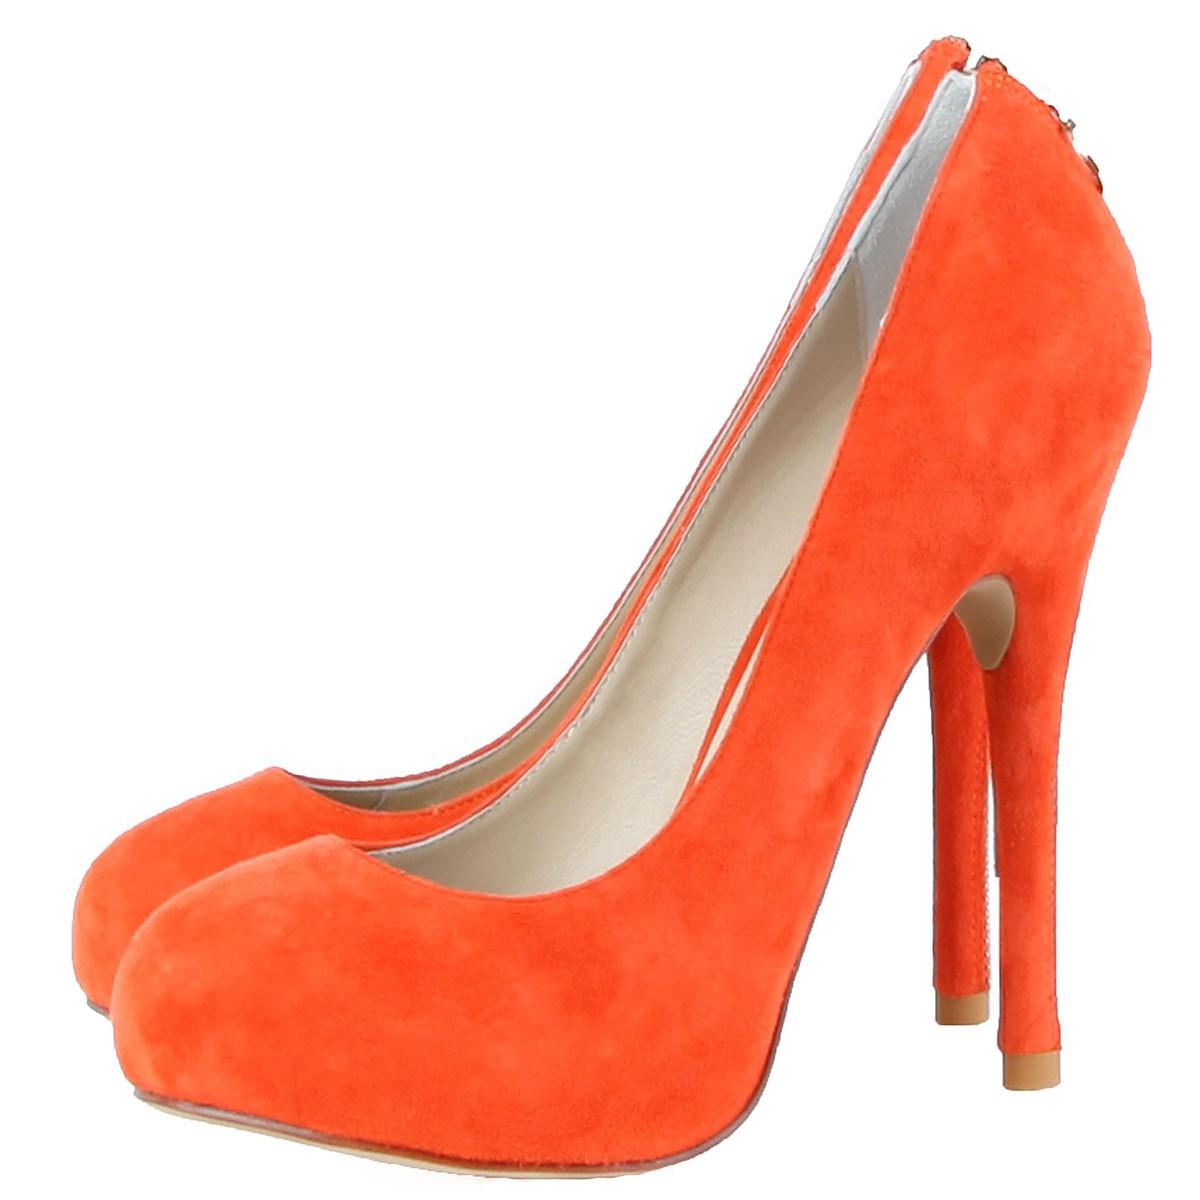 Janiko High-Heels Classics Pumps Tabu Coral red